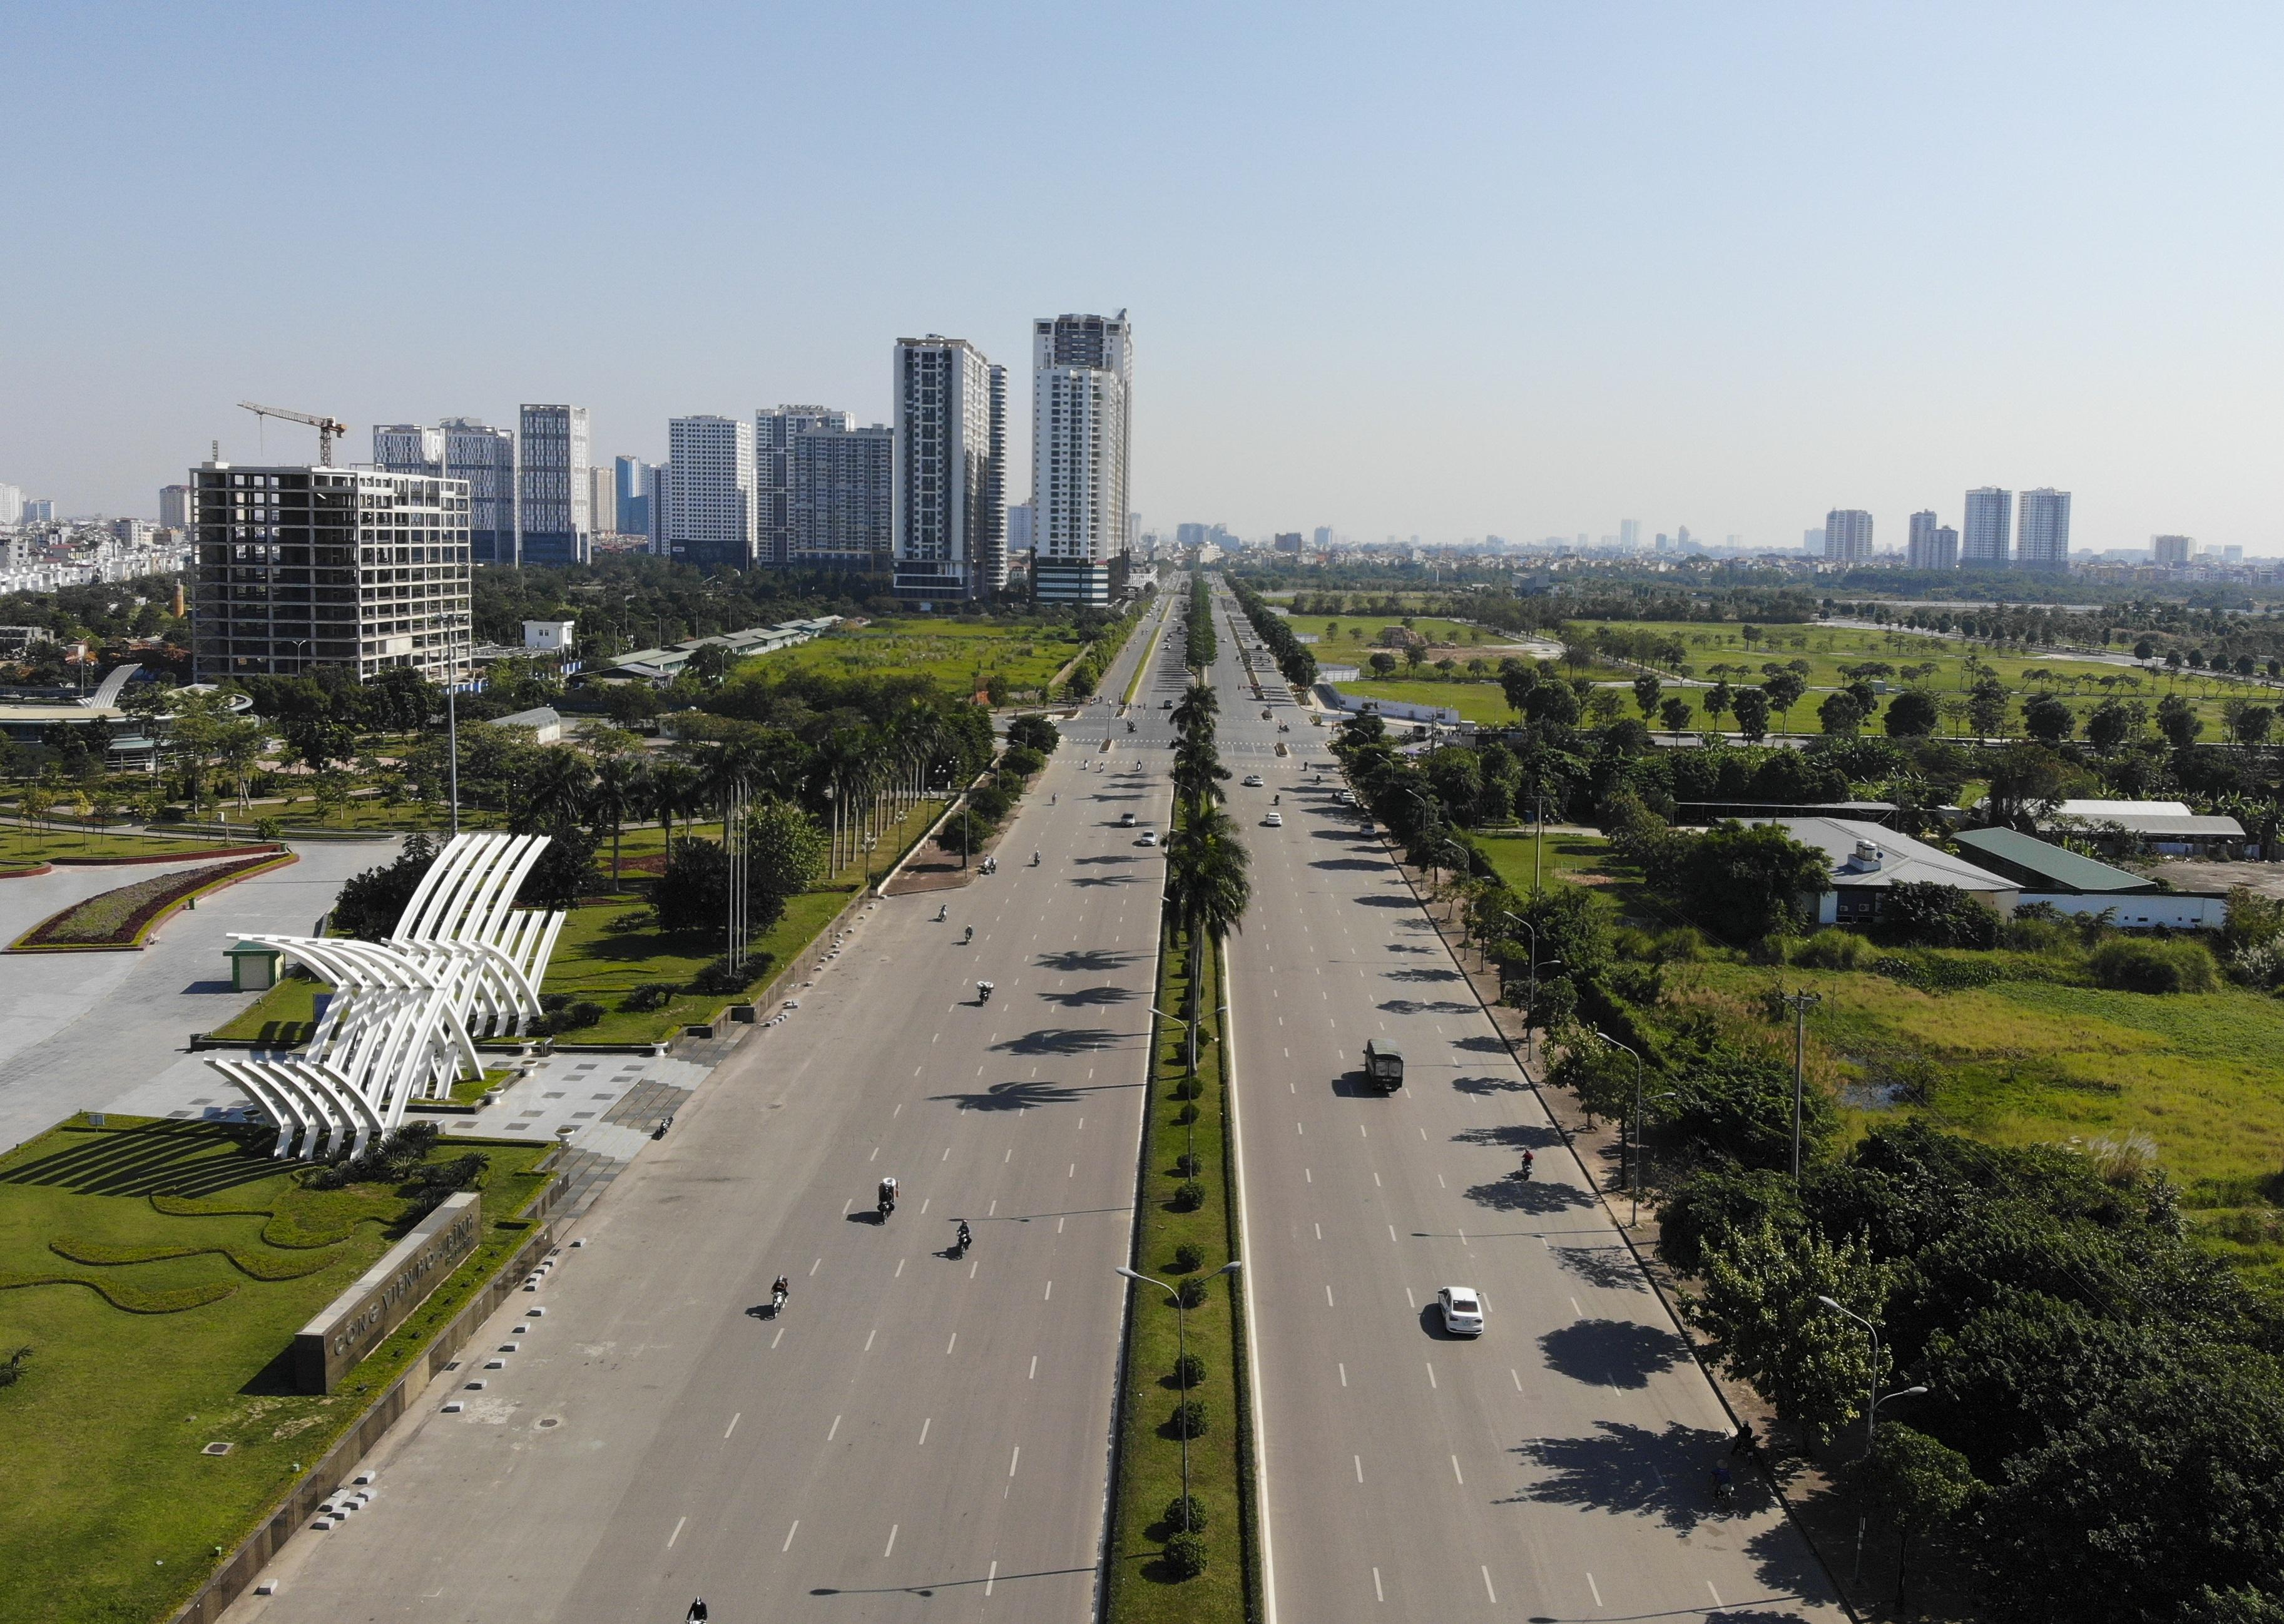 Ngắm tuyến đường 10 làn xe chưa được đặt tên tại Hà Nội - 4